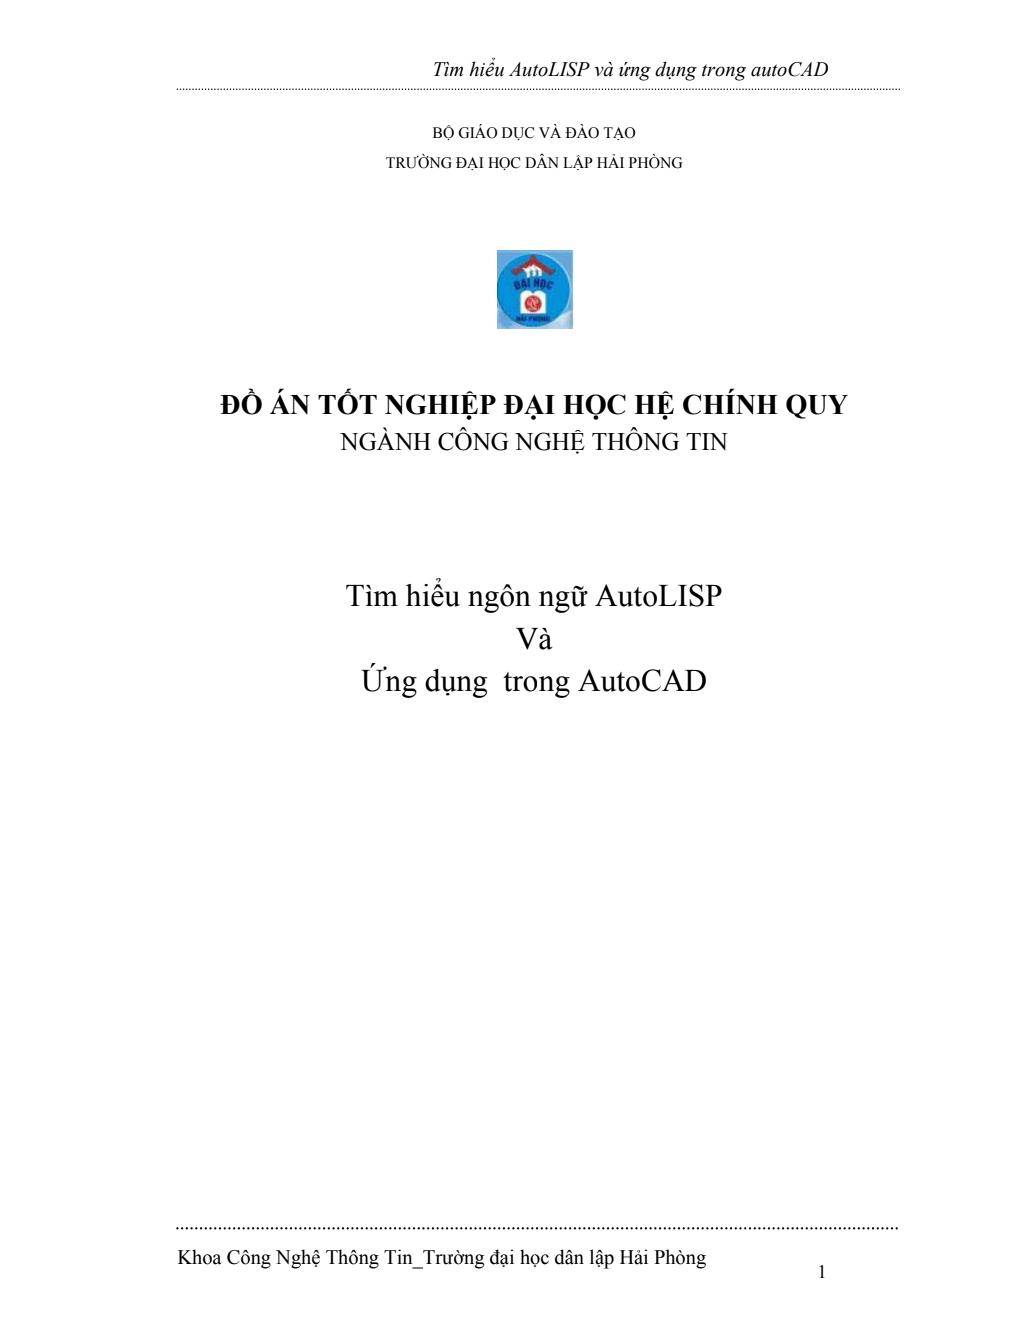 Đồ án tốt nghiệp Tìm hiểu AutoLISP và ứng dụng trong autoCAD